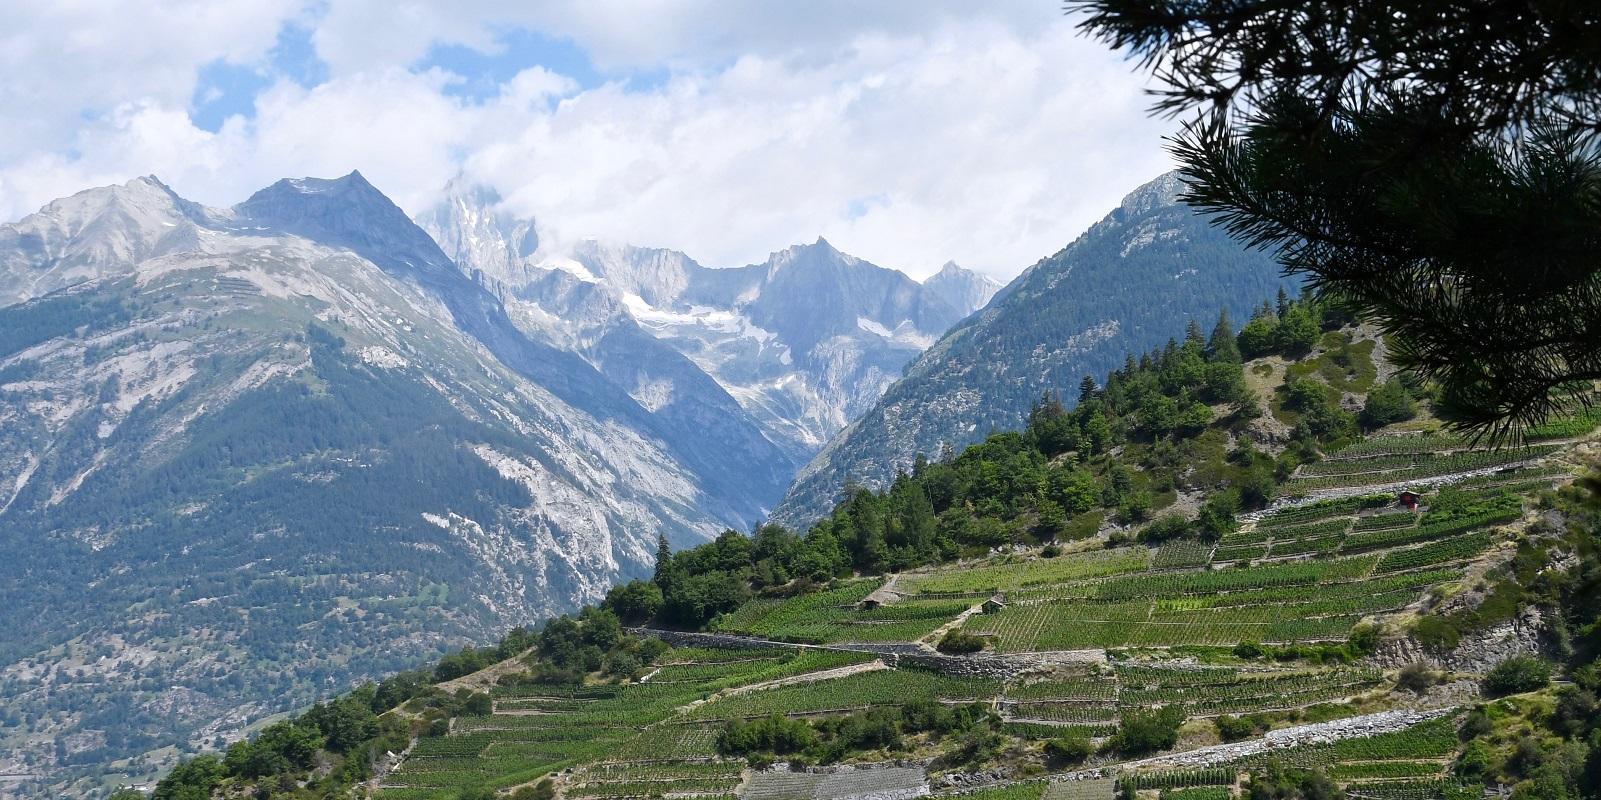 Visperterminen : Le plus haut vignoble d'Europe est en Suisse